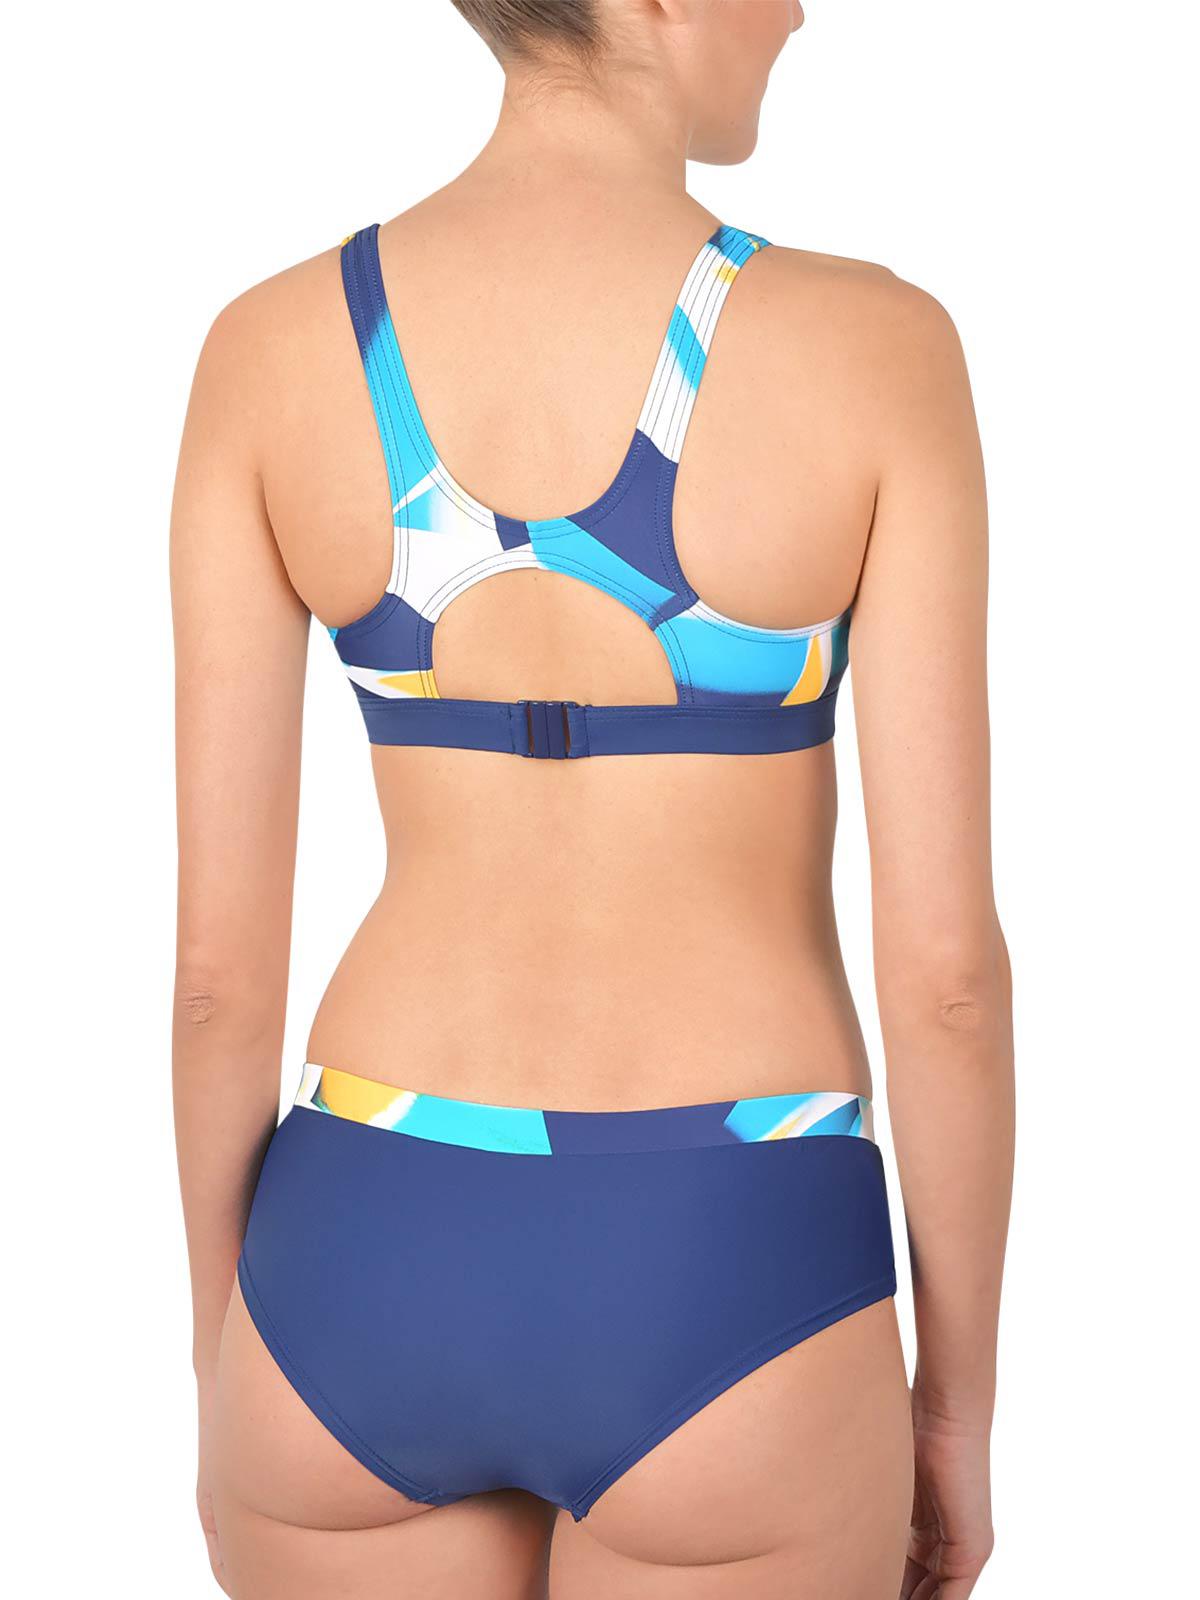 NATURANA Bustier bikini 72521